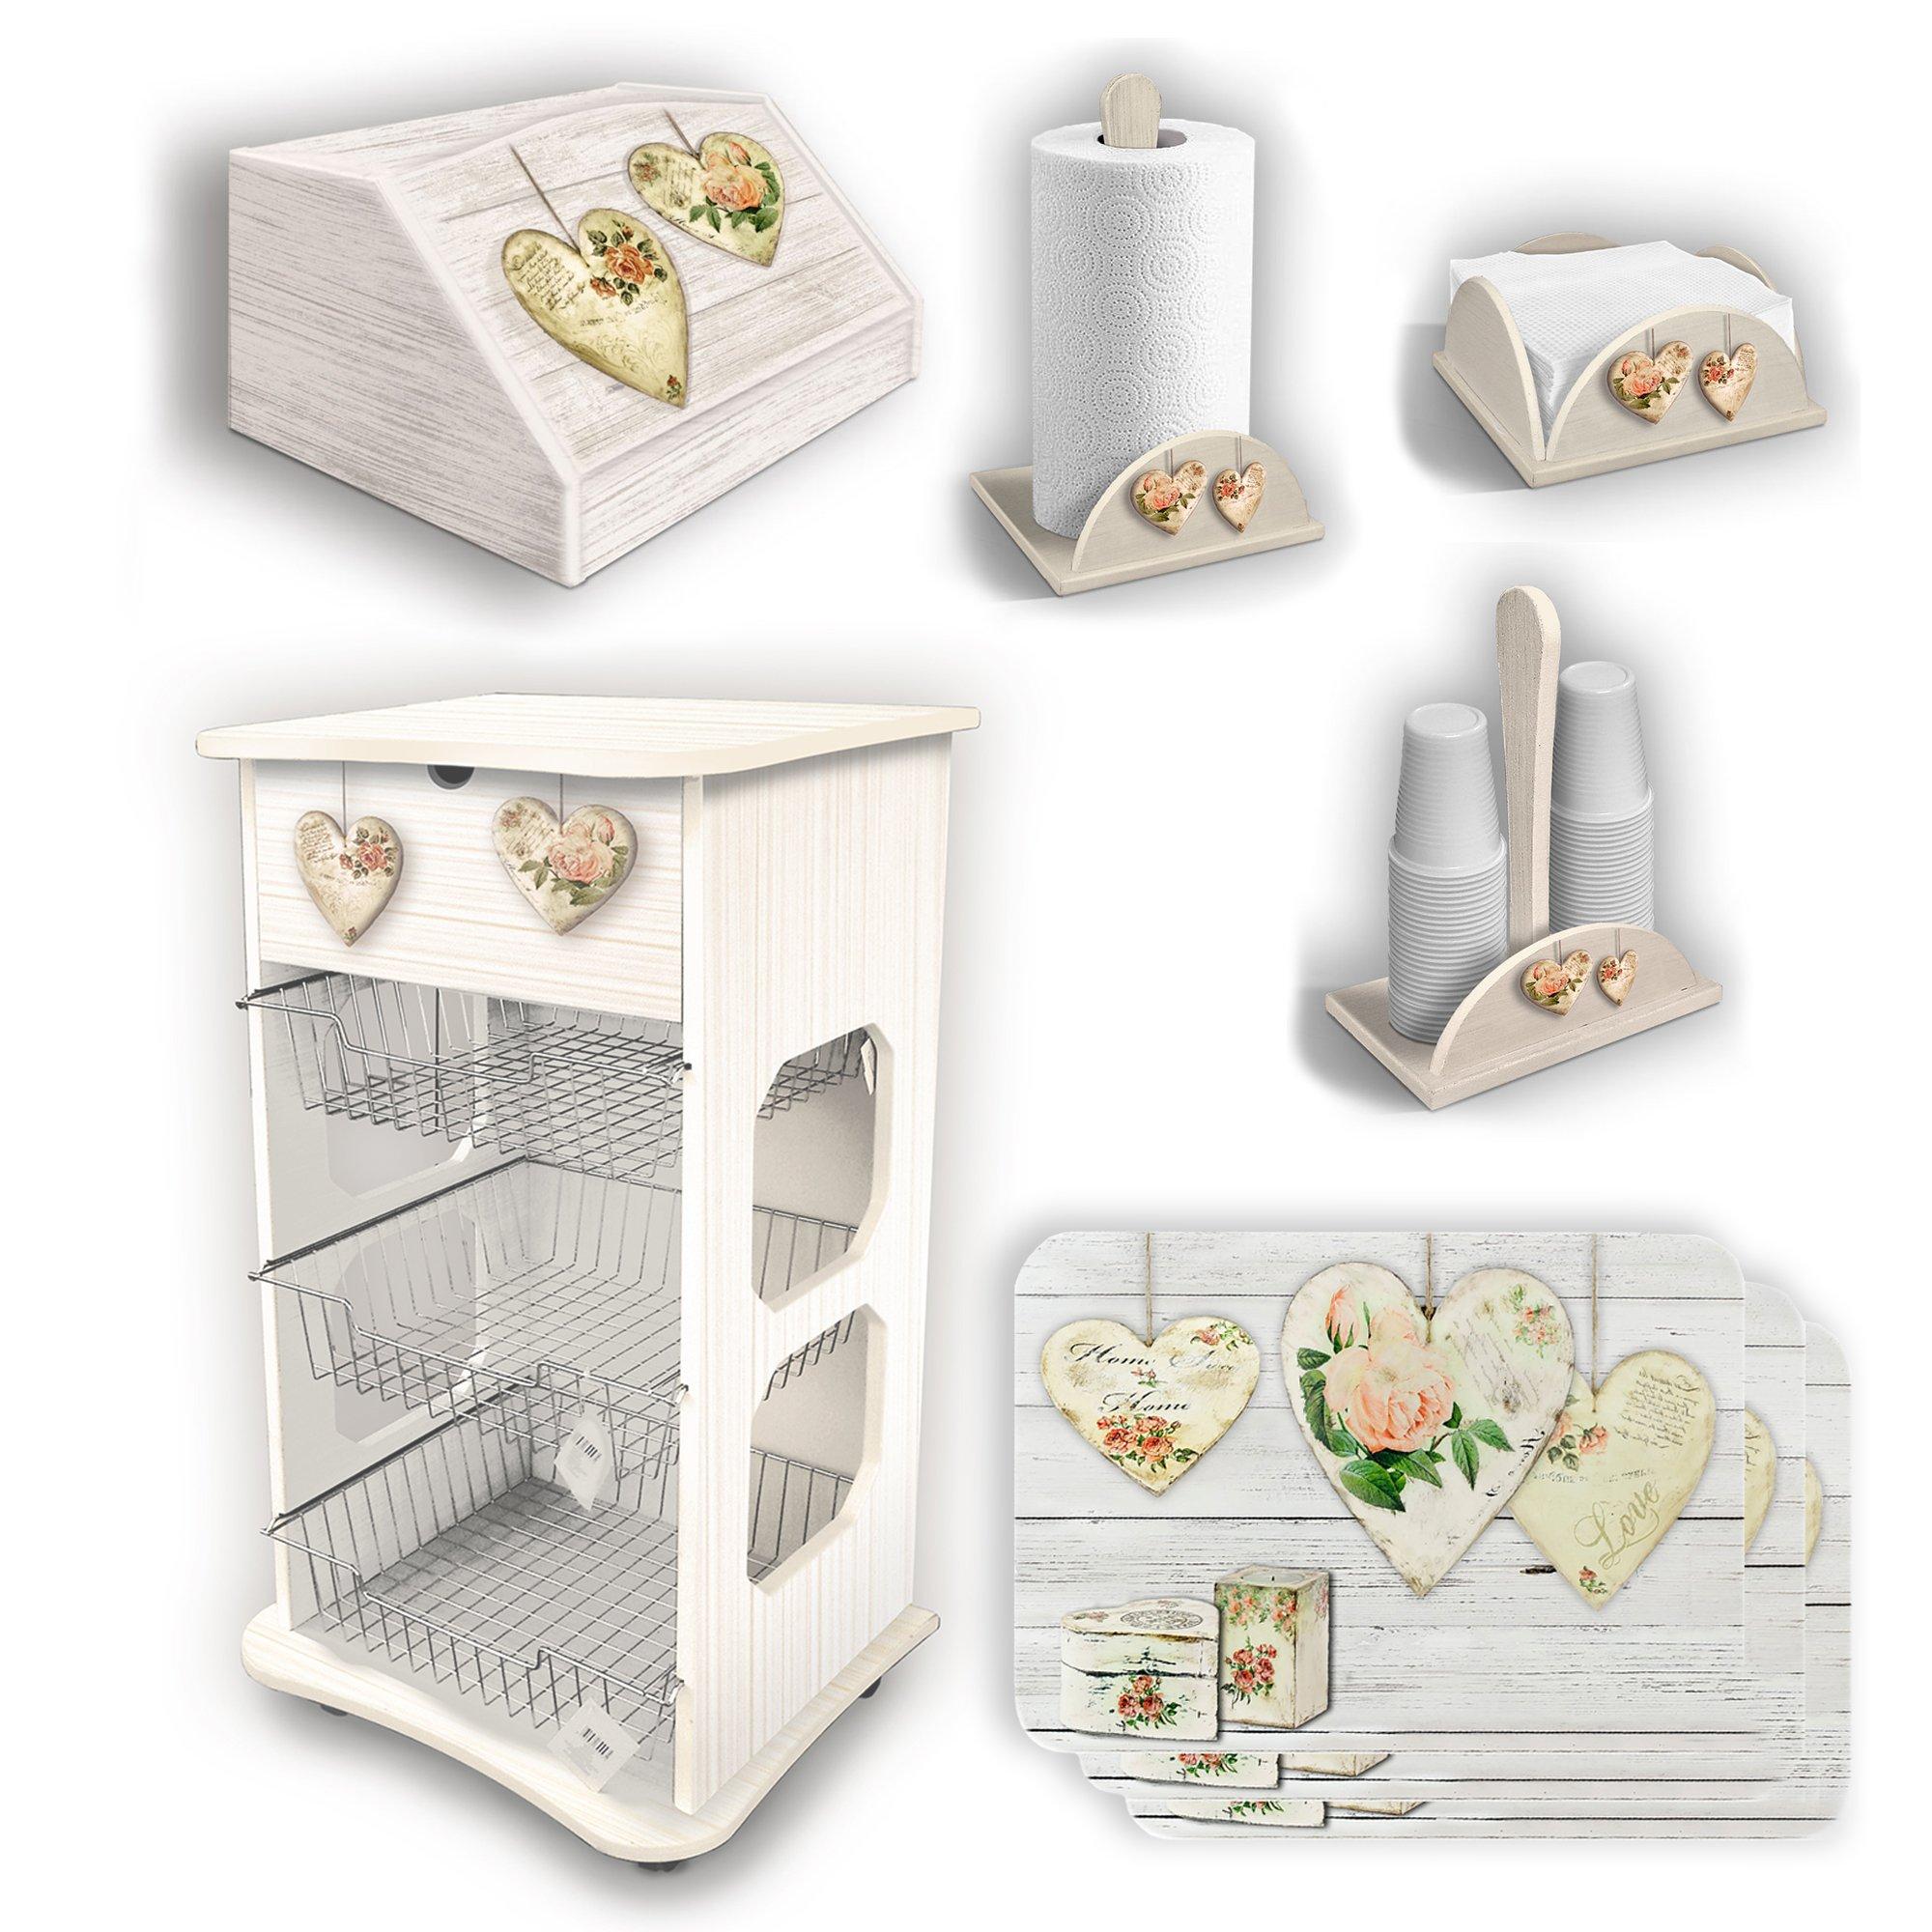 Set da cucina shabby con carrello, portapane e accessori | eBay